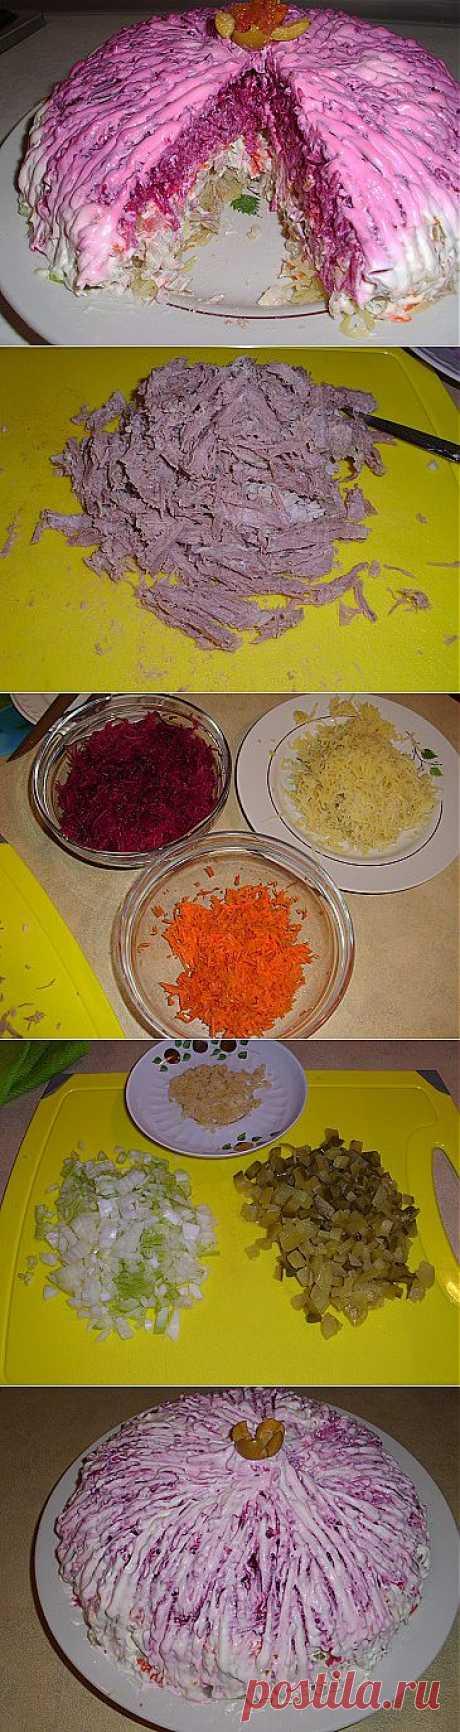 Слоеный салат со свеклой и мясом свинины | Рецепты моей мамы